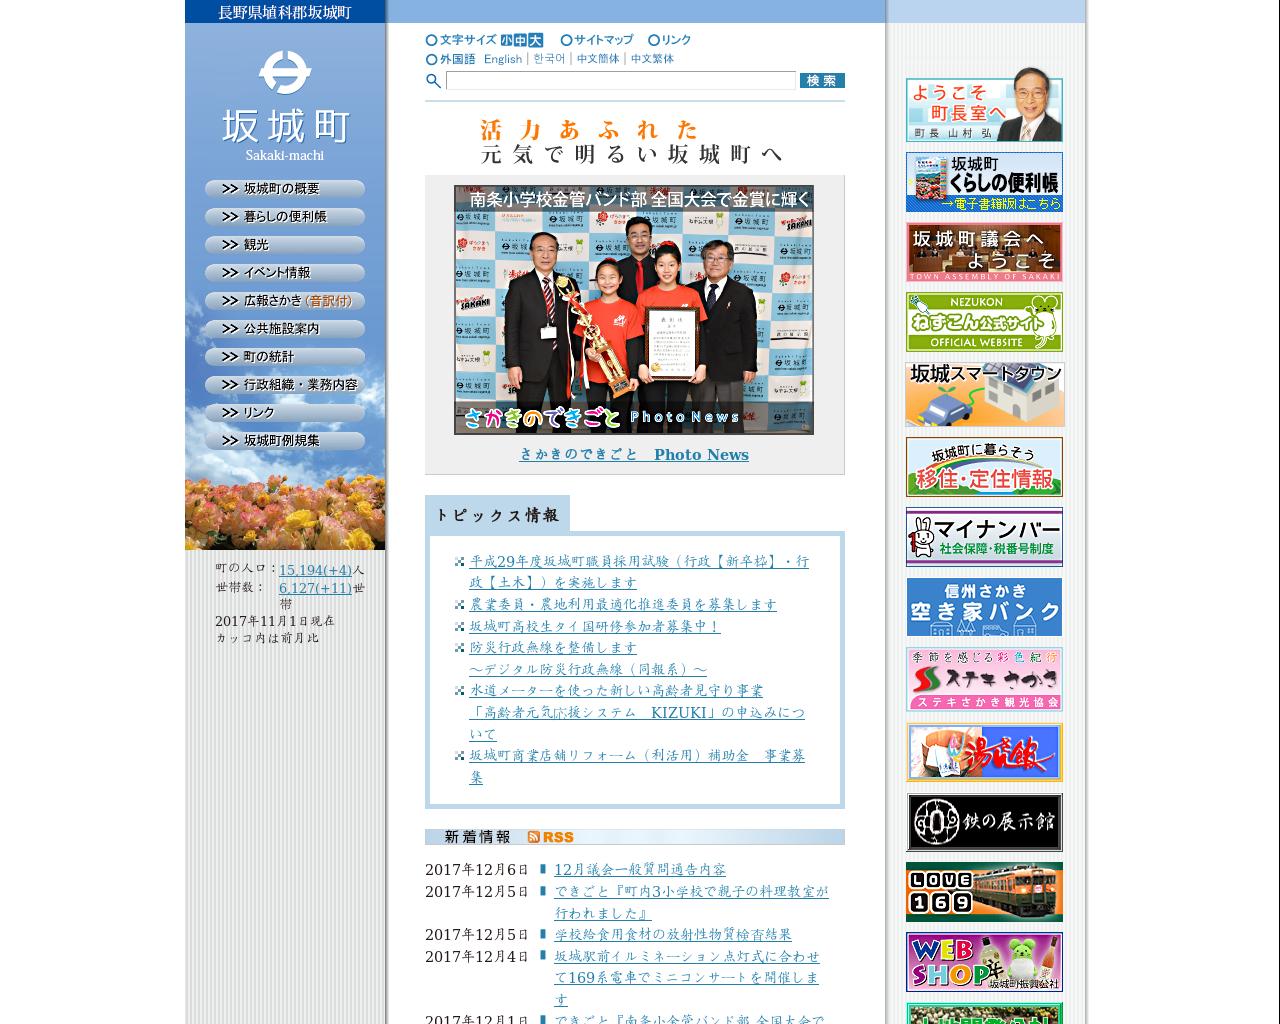 www.town.sakaki.nagano.jp(2017/12/06 22:11:00)